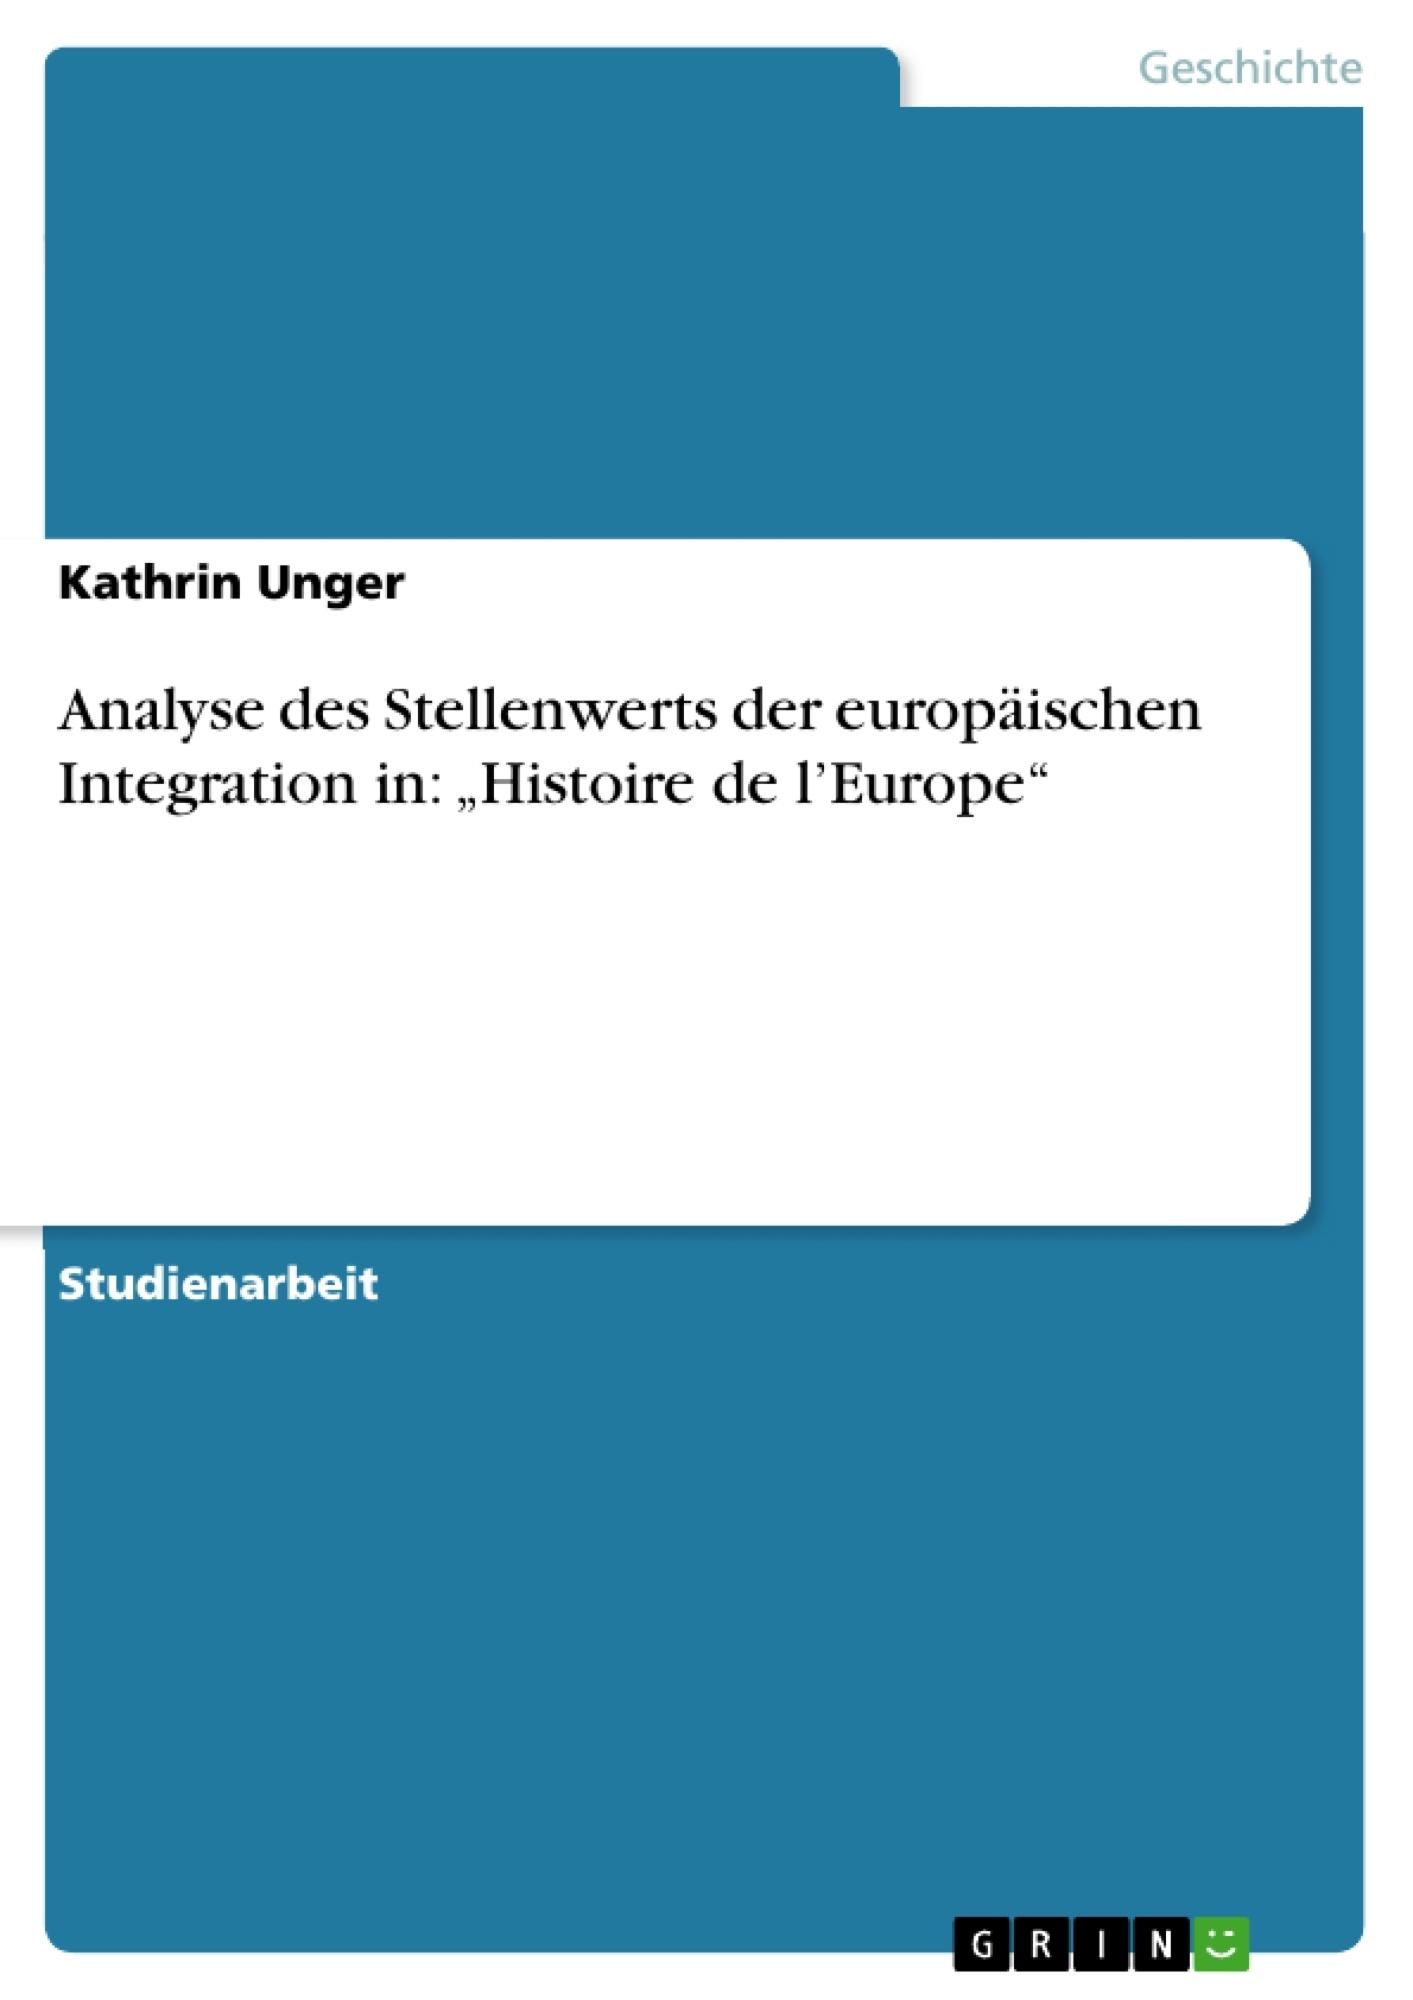 """Titel: Analyse des Stellenwerts der europäischen Integration in: """"Histoire de l'Europe"""""""